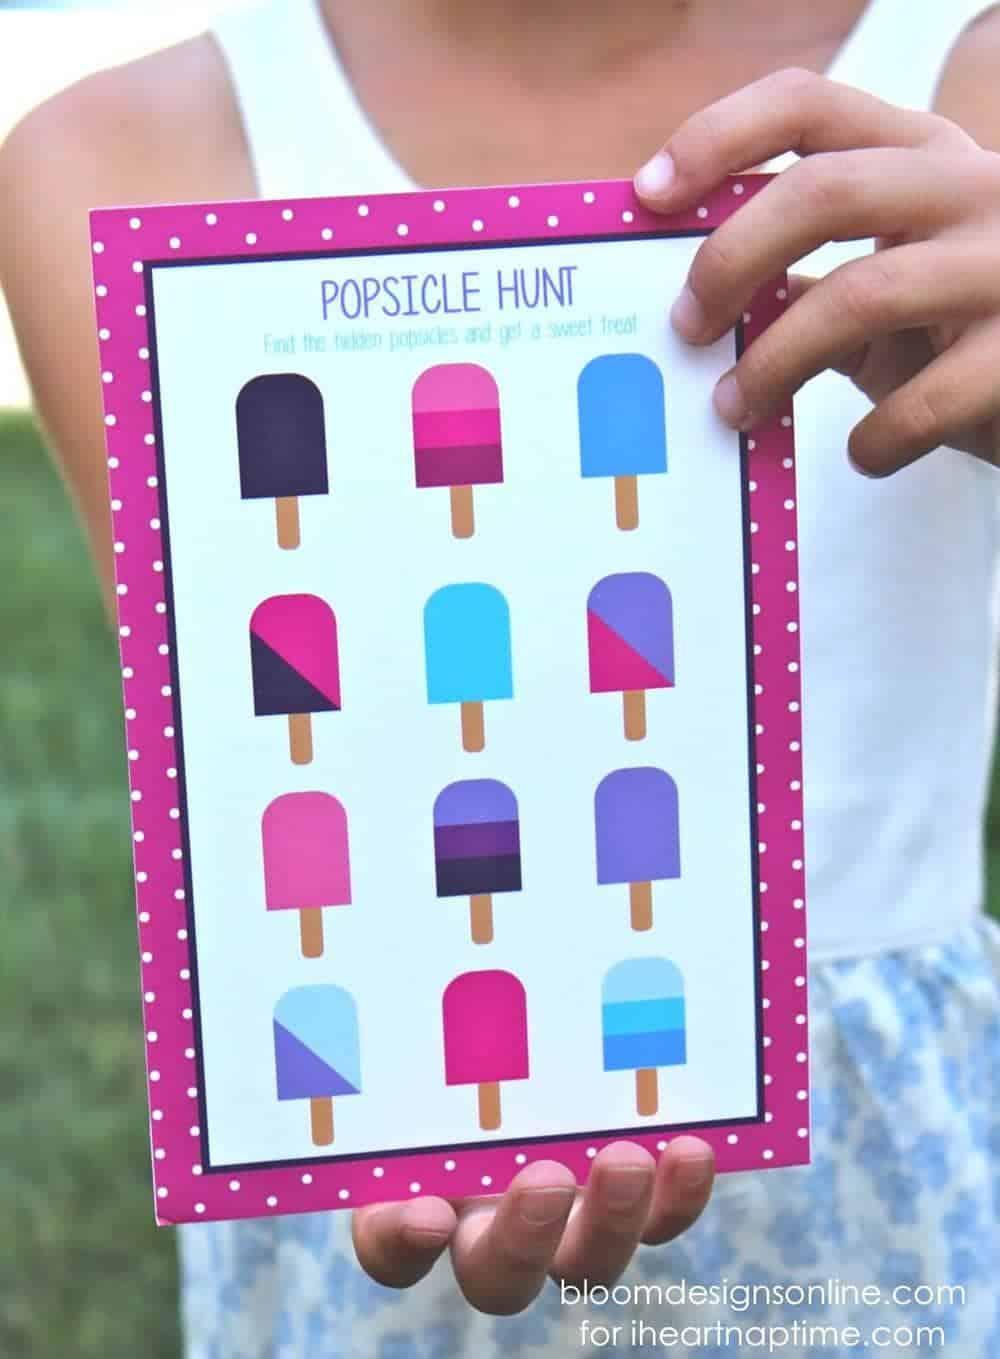 popsicle hunt on iheartnaptime.com